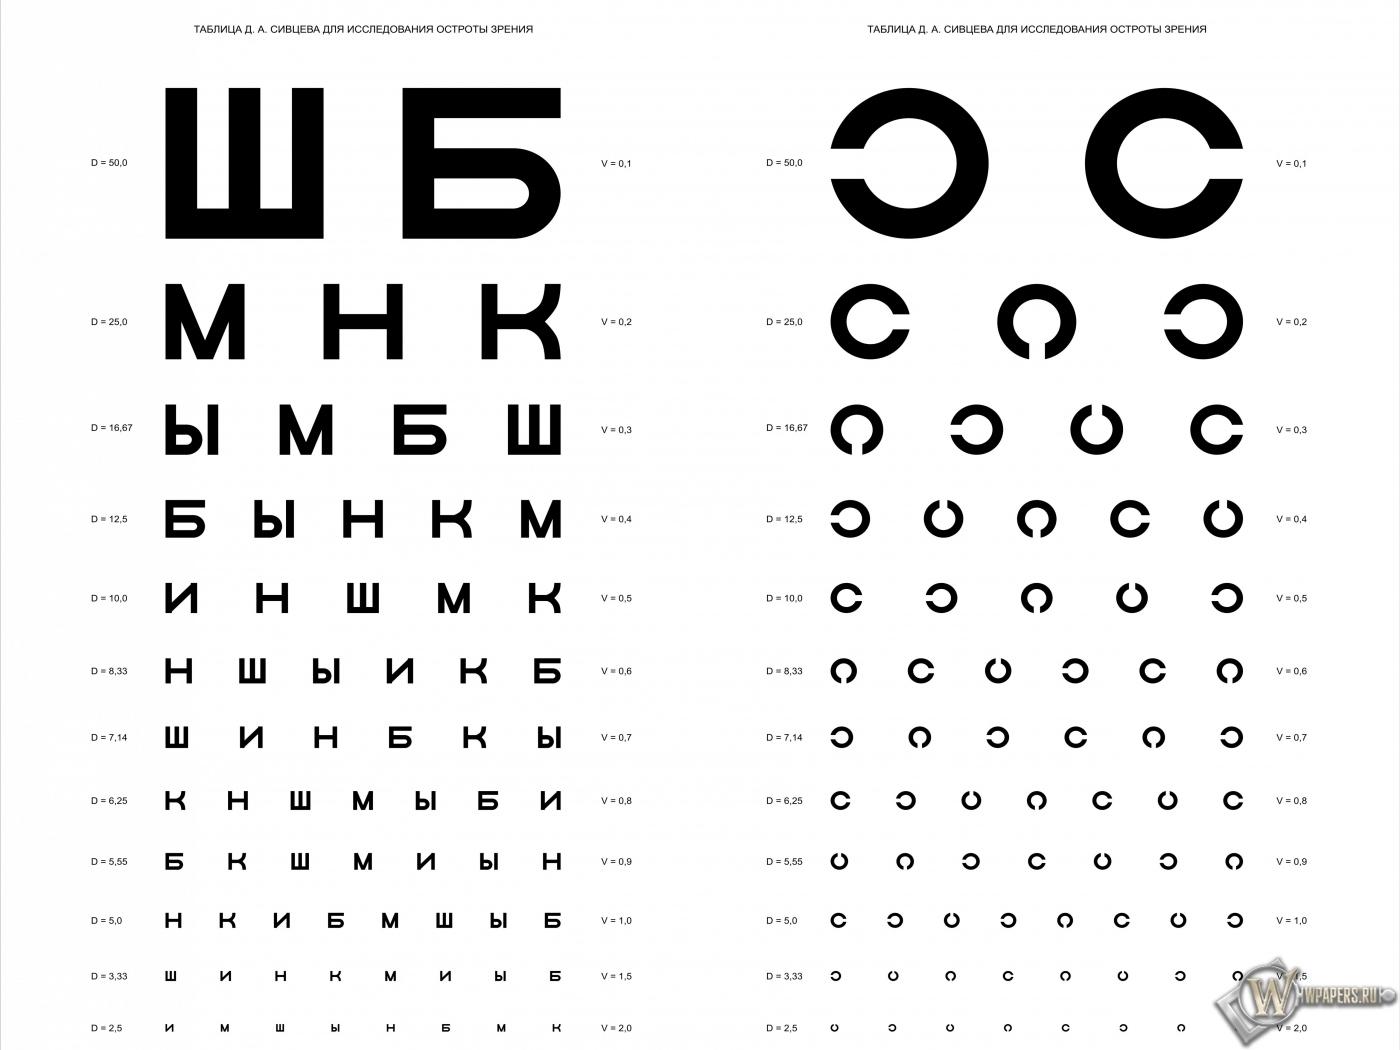 Таблица Д.А. Сивцева для проверки зрения 1400x1050